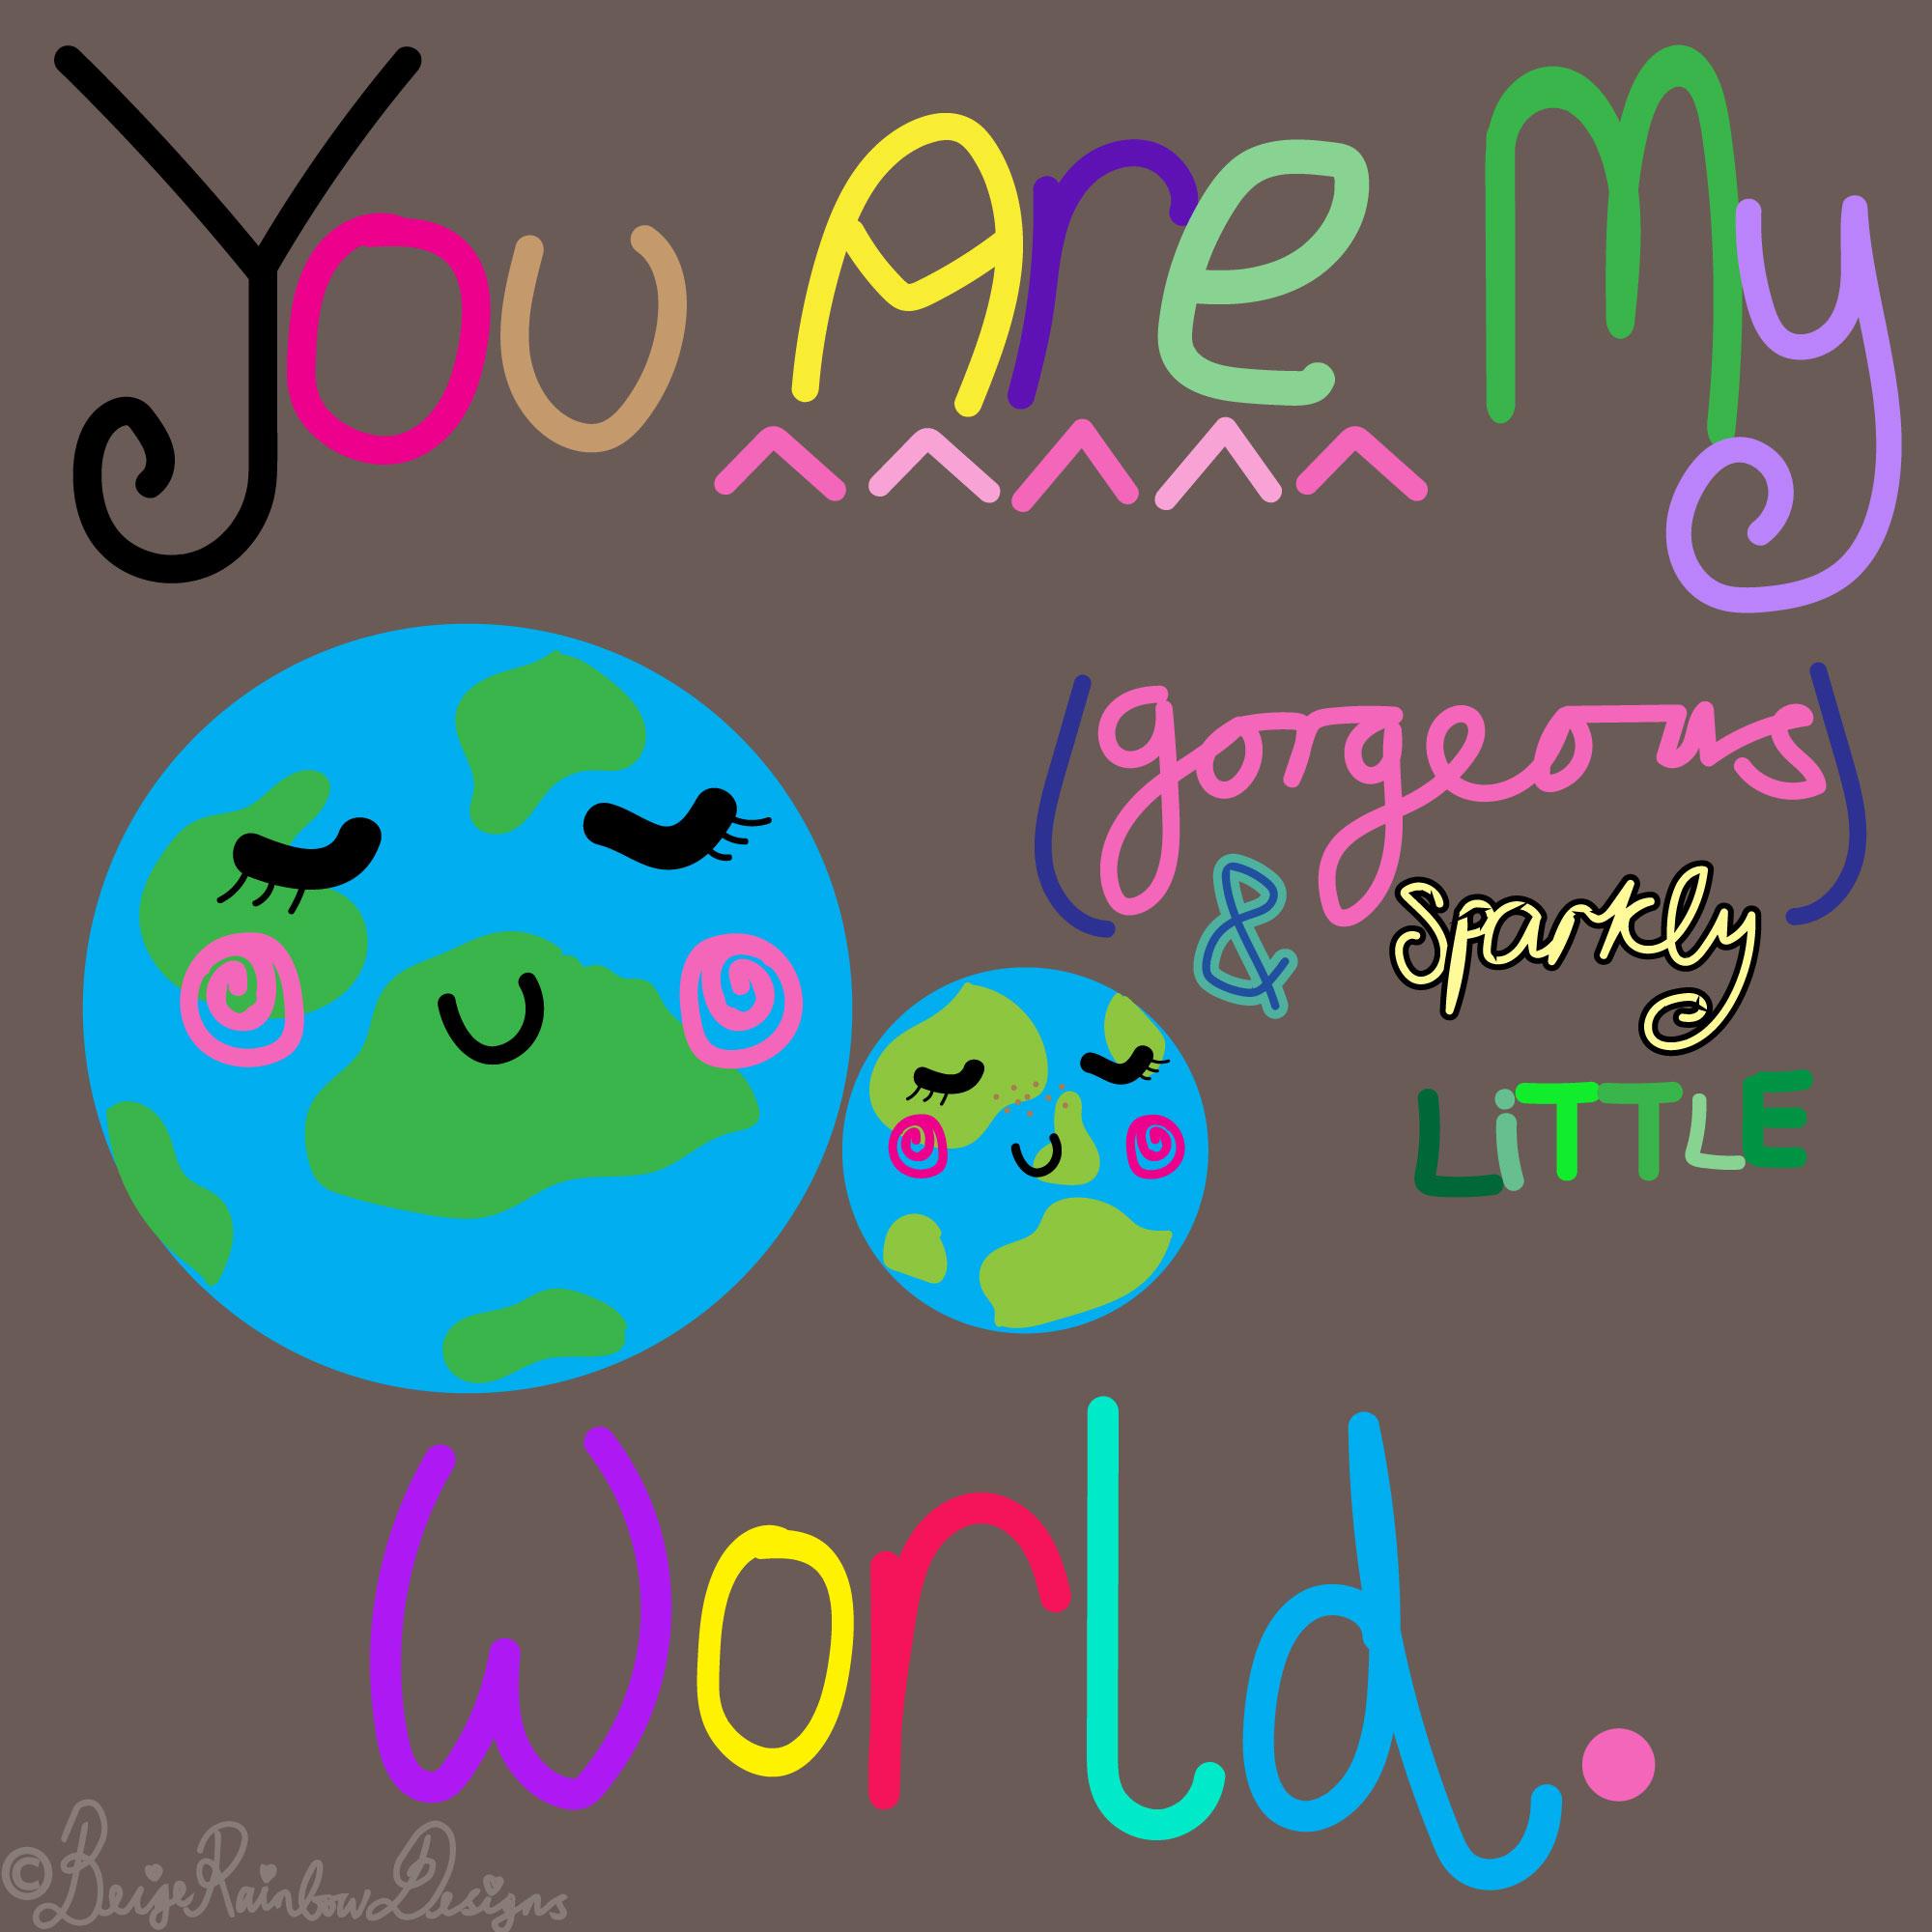 My-little-world-2-for-webby.jpg